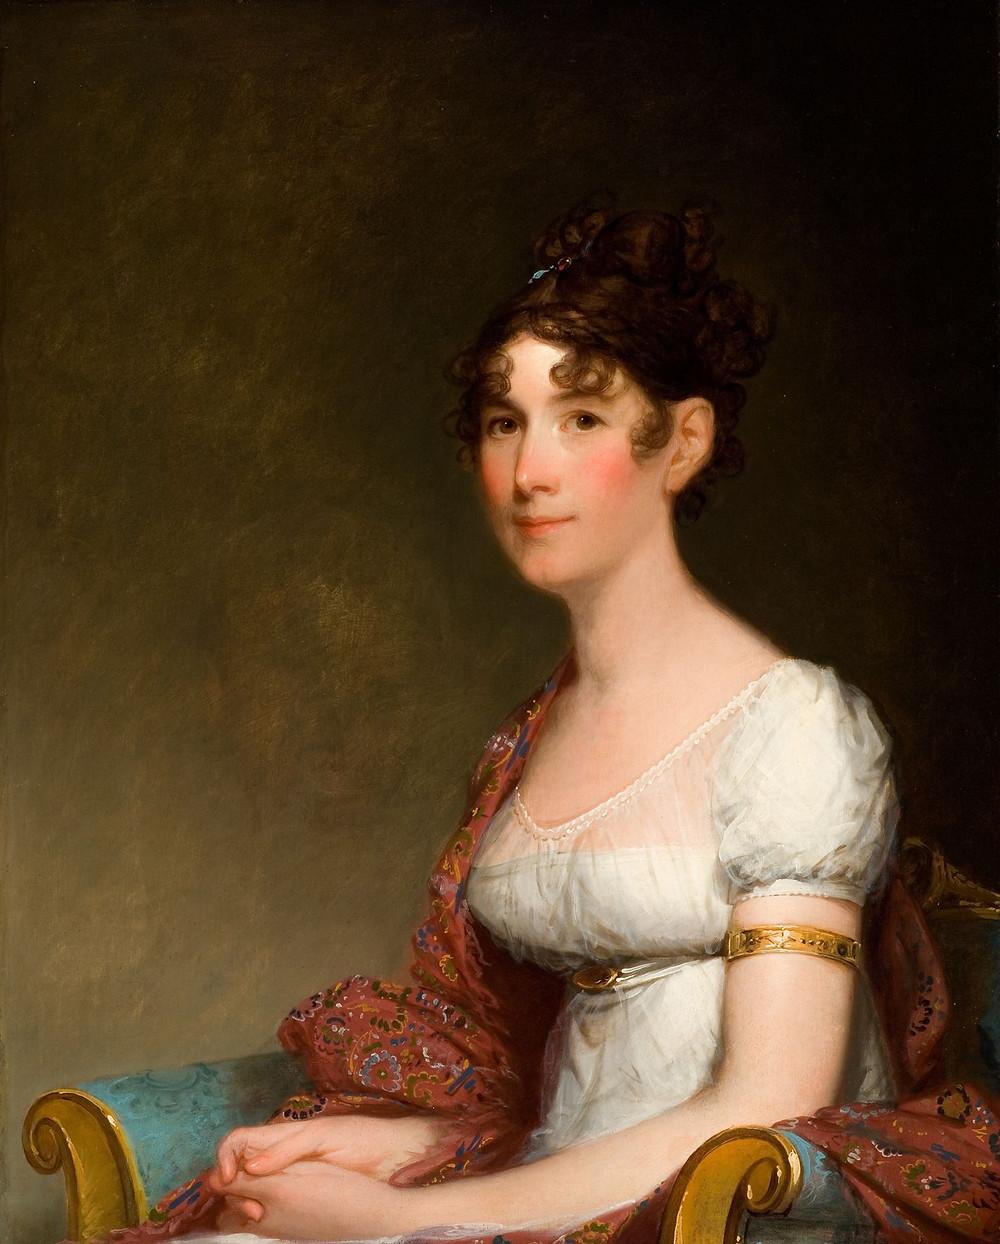 Mrs. Harrison Gray Otis